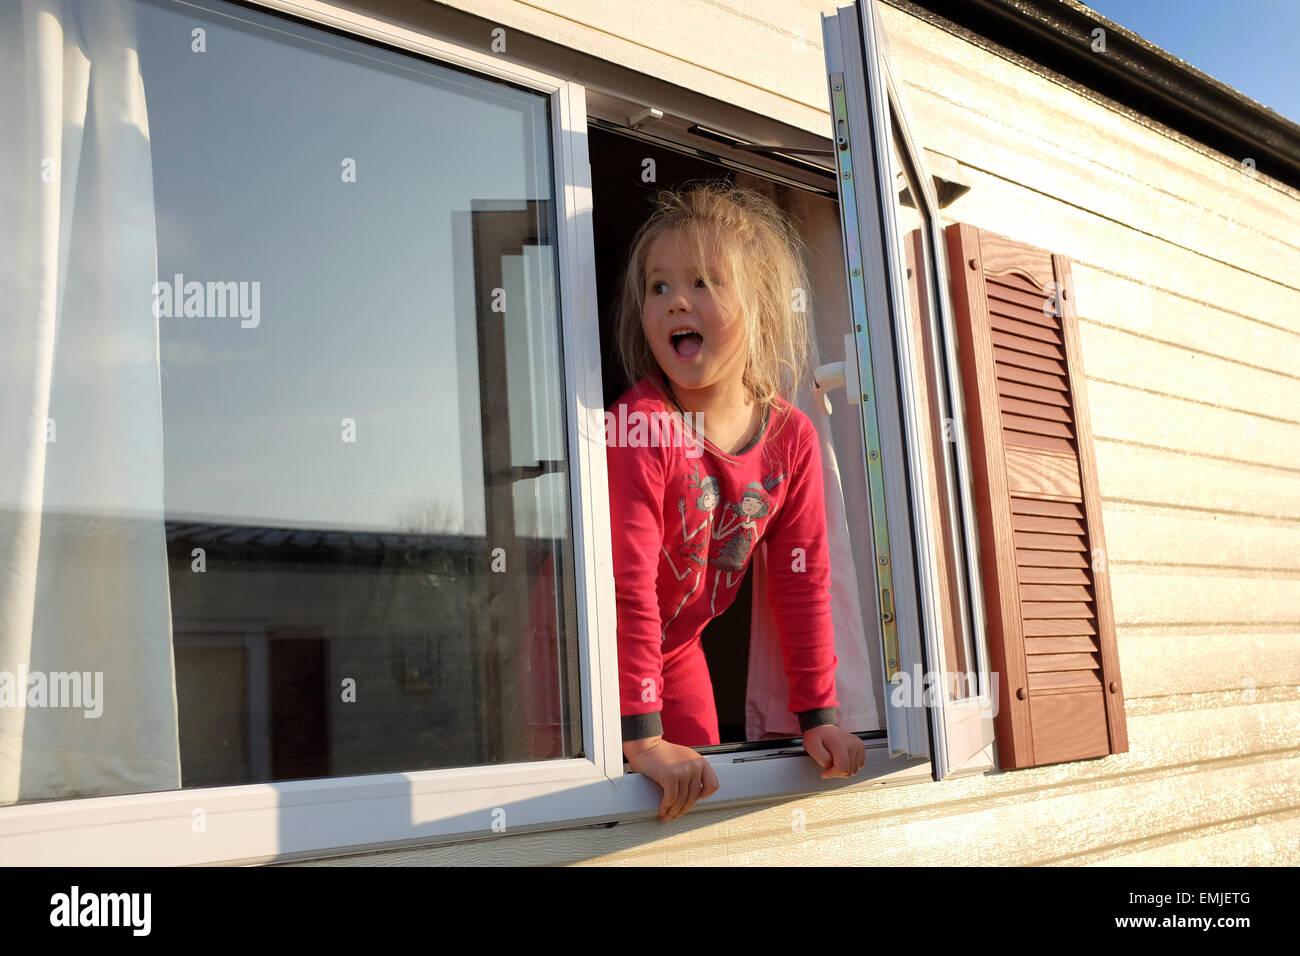 Ein junges Mädchen in ihrem Pyjama blickt aus dem Fenster einer Karawane zu Beginn eines neuen Tages Stockbild